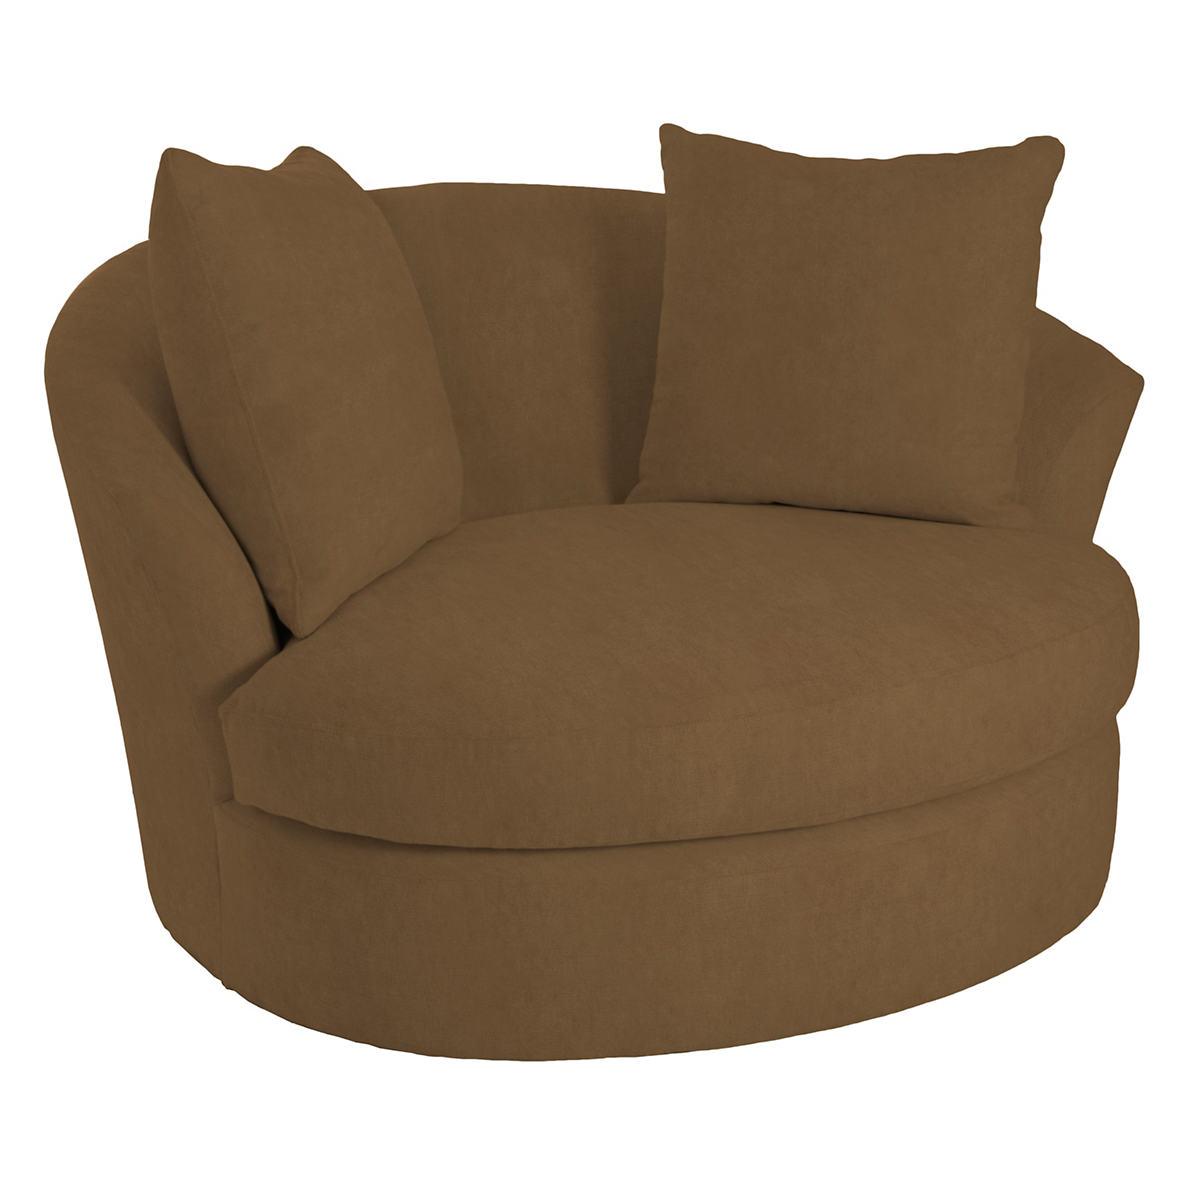 Velvesuede Camel Kenly Chair